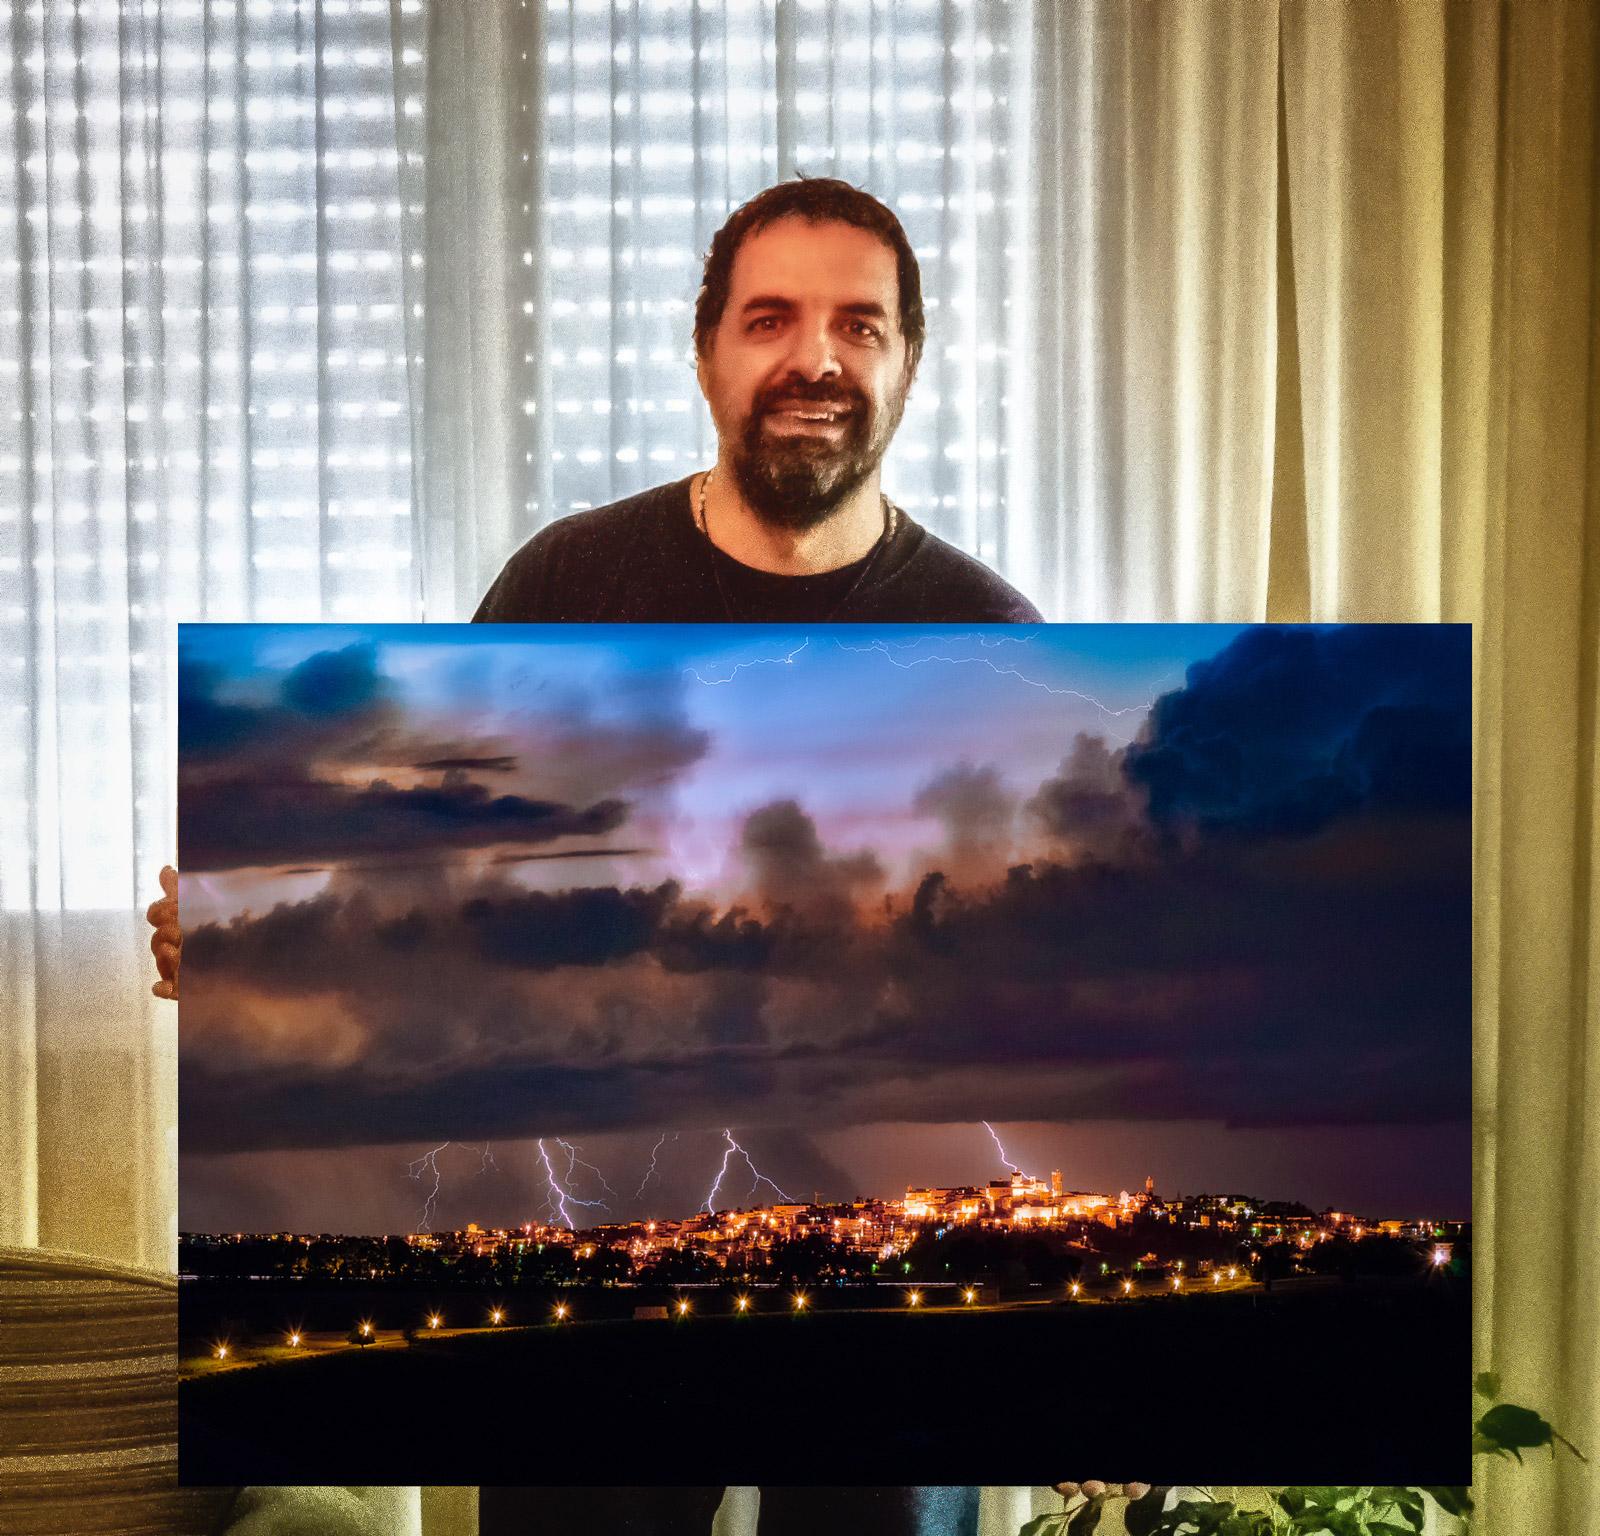 Un quadro è come un viaggio - Gianluca Storani Photo Art